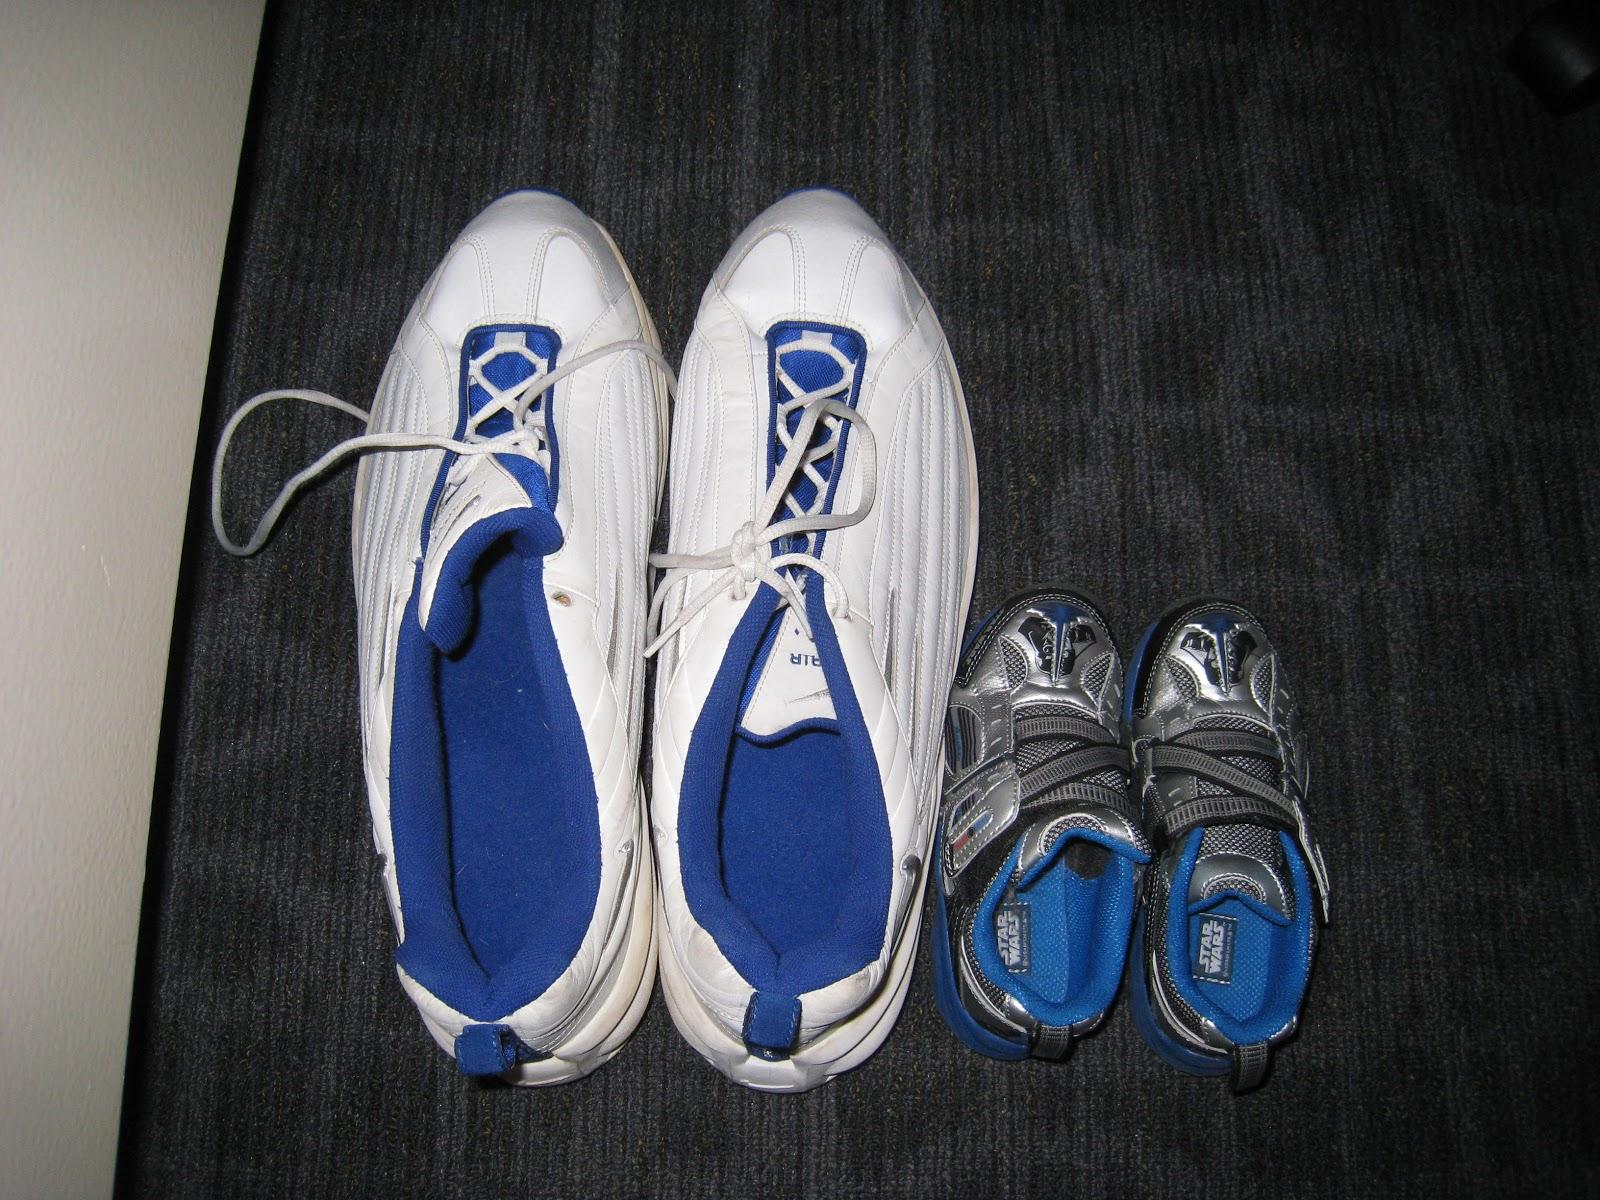 Shaq Shoe Size us images